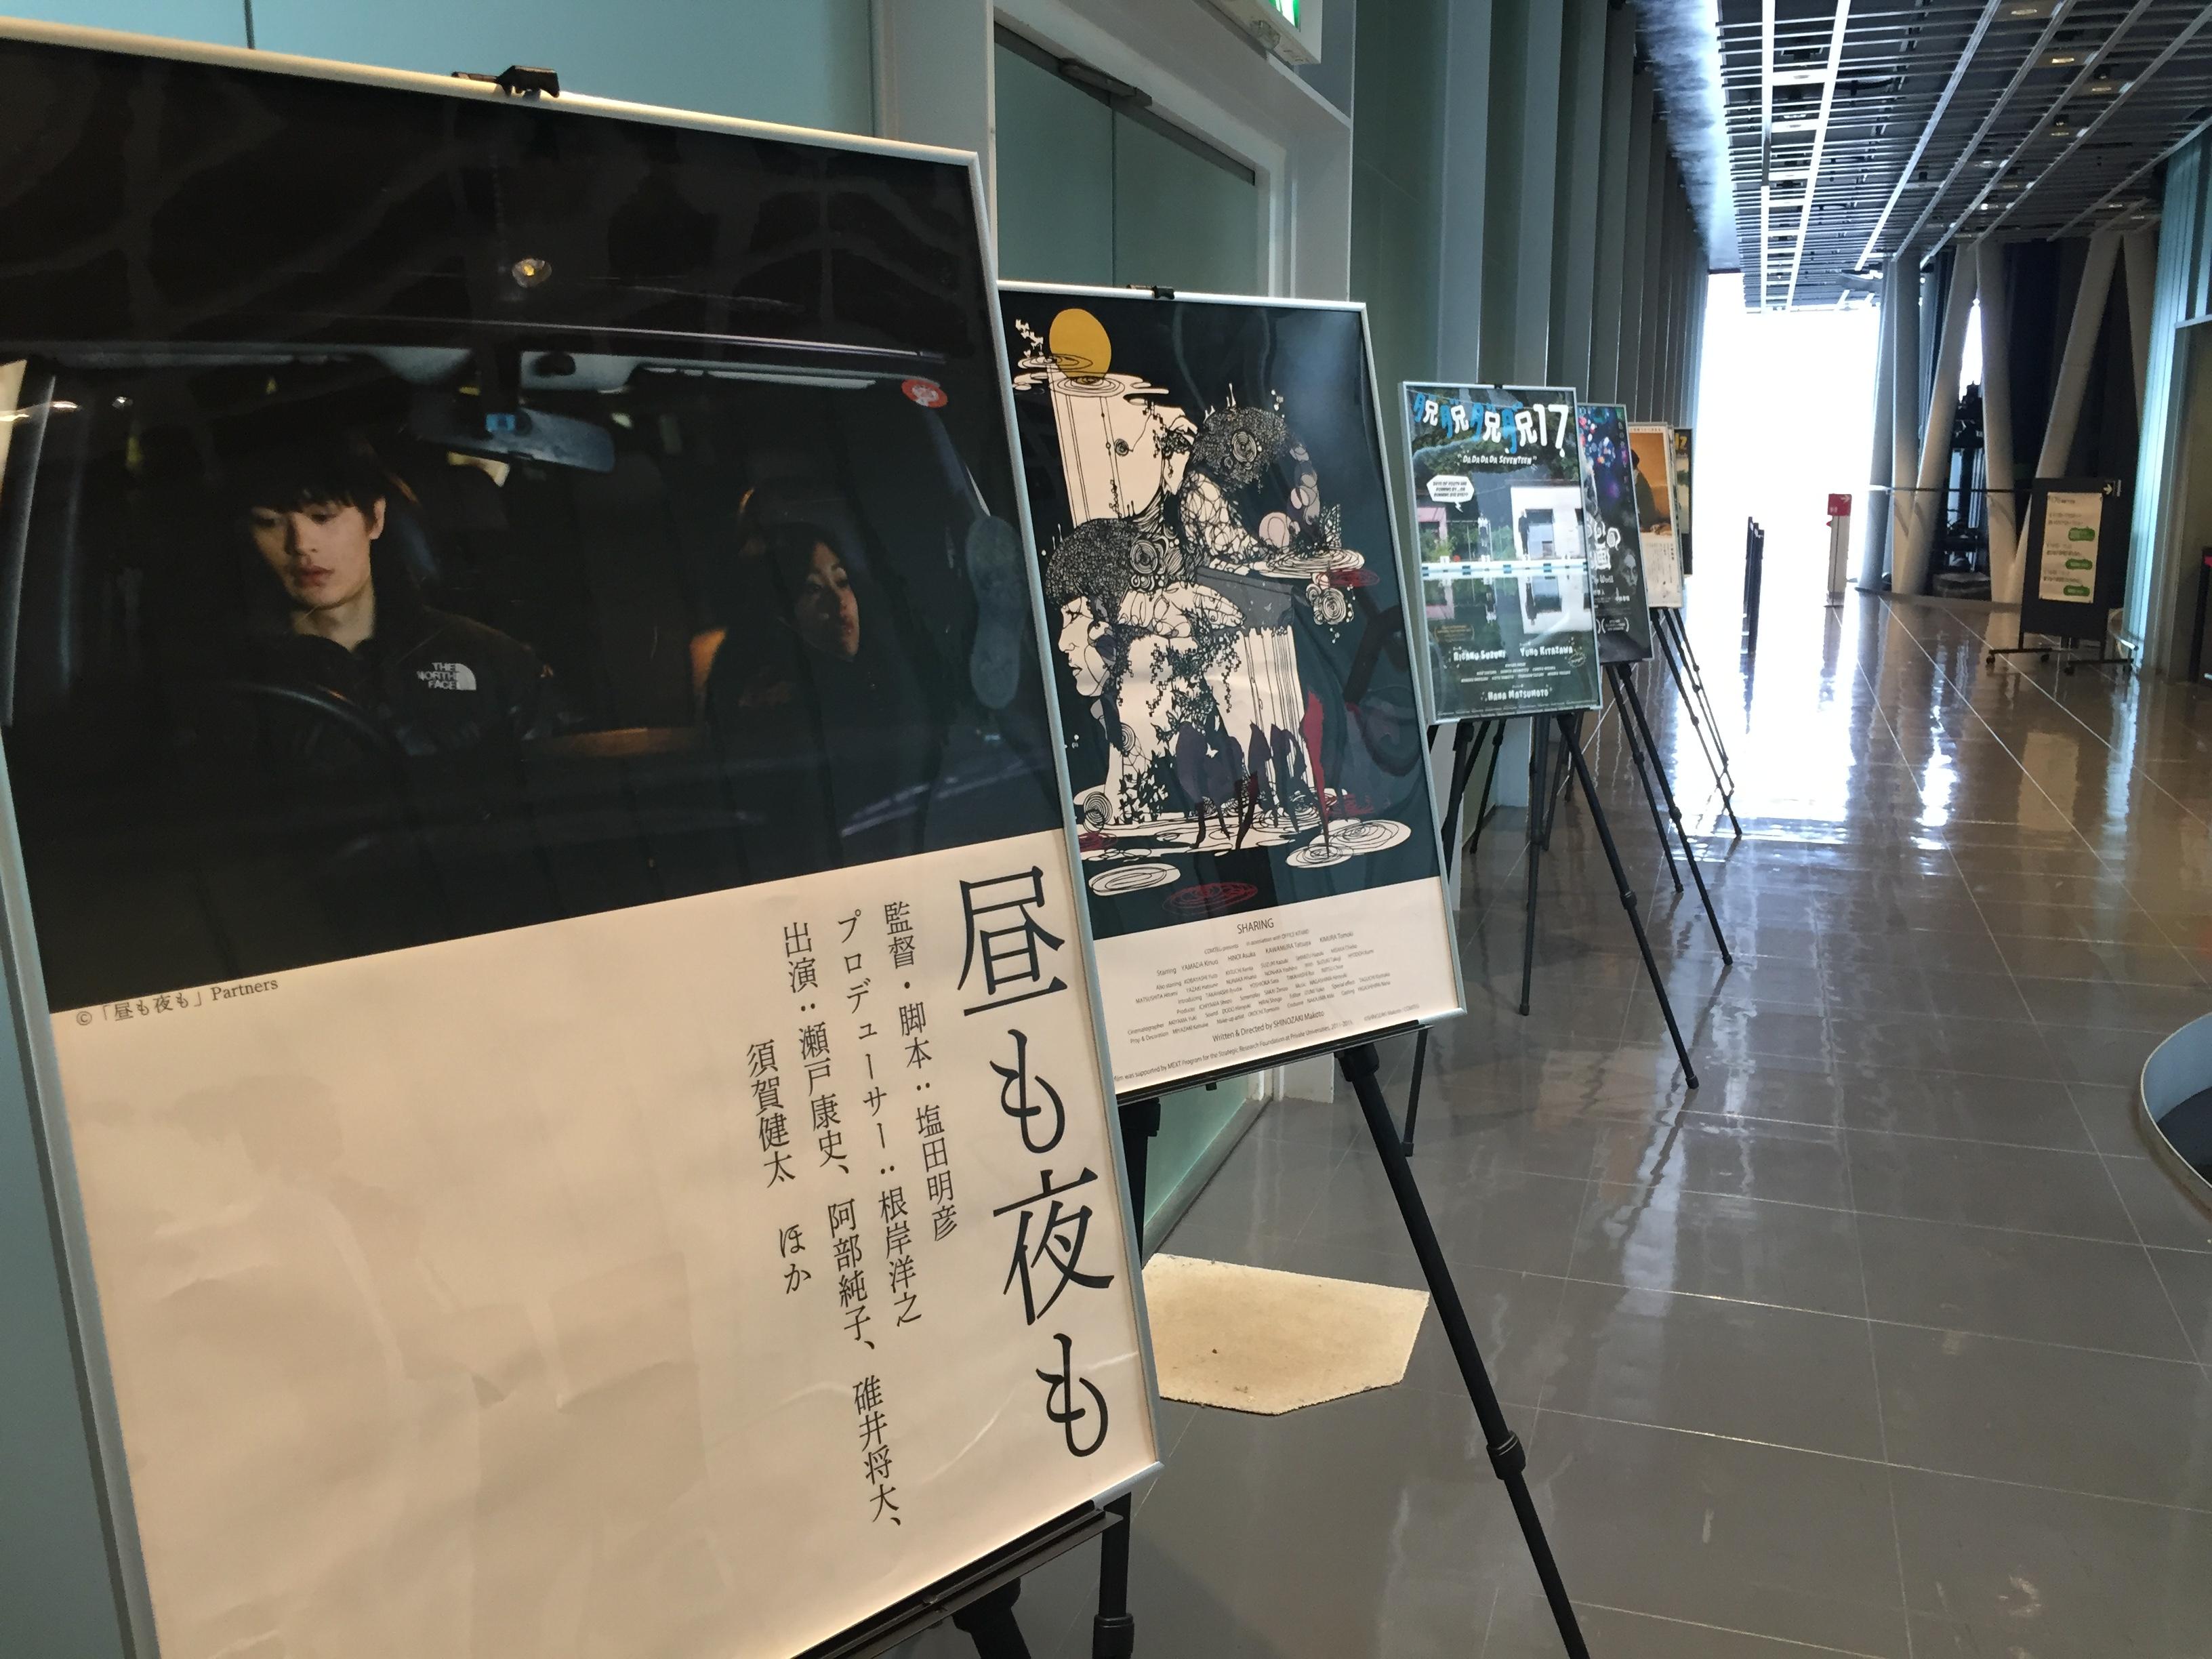 9月17日開催【開催終了】「みんなで仙台短編映画祭に参加しよう!そして語らおう!」第13回シネマワークショップ